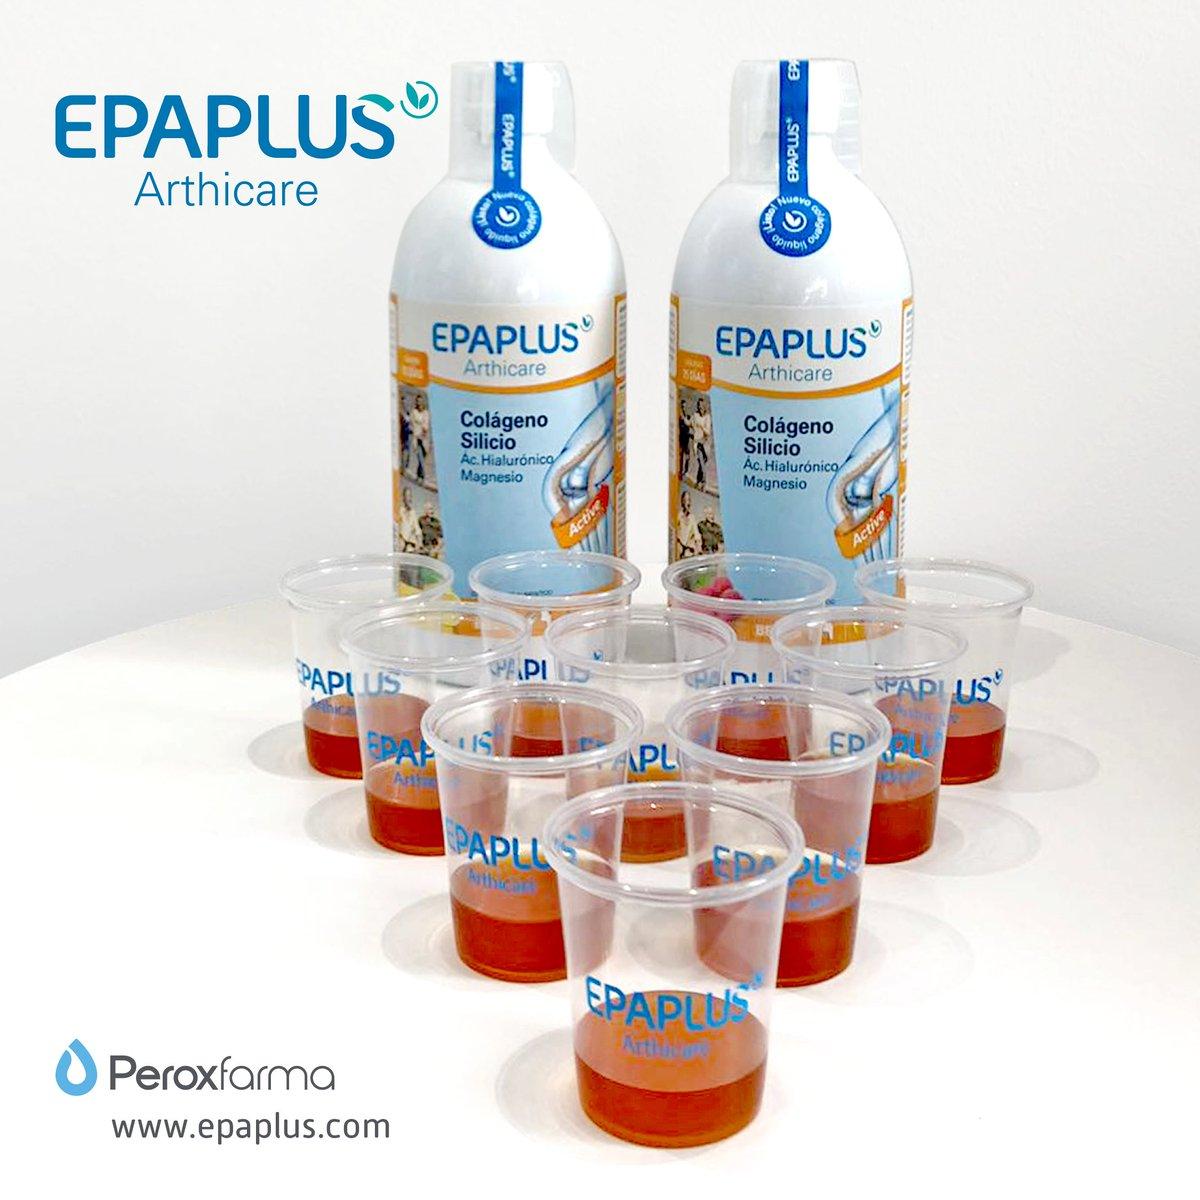 ¡CHUPINAZOS @Epaplus1 Arthicare PARA TODOS en la @UltraPirineu! Os esperamos en nuestra carpa VIP de Bagà durante todo el evento. Podréis probar los nuevos productos y llevaros muestras GRATUITAMENTE #epaplusarthicareconeldeporte #Articúlate! #Peroxfarma epaplus.com